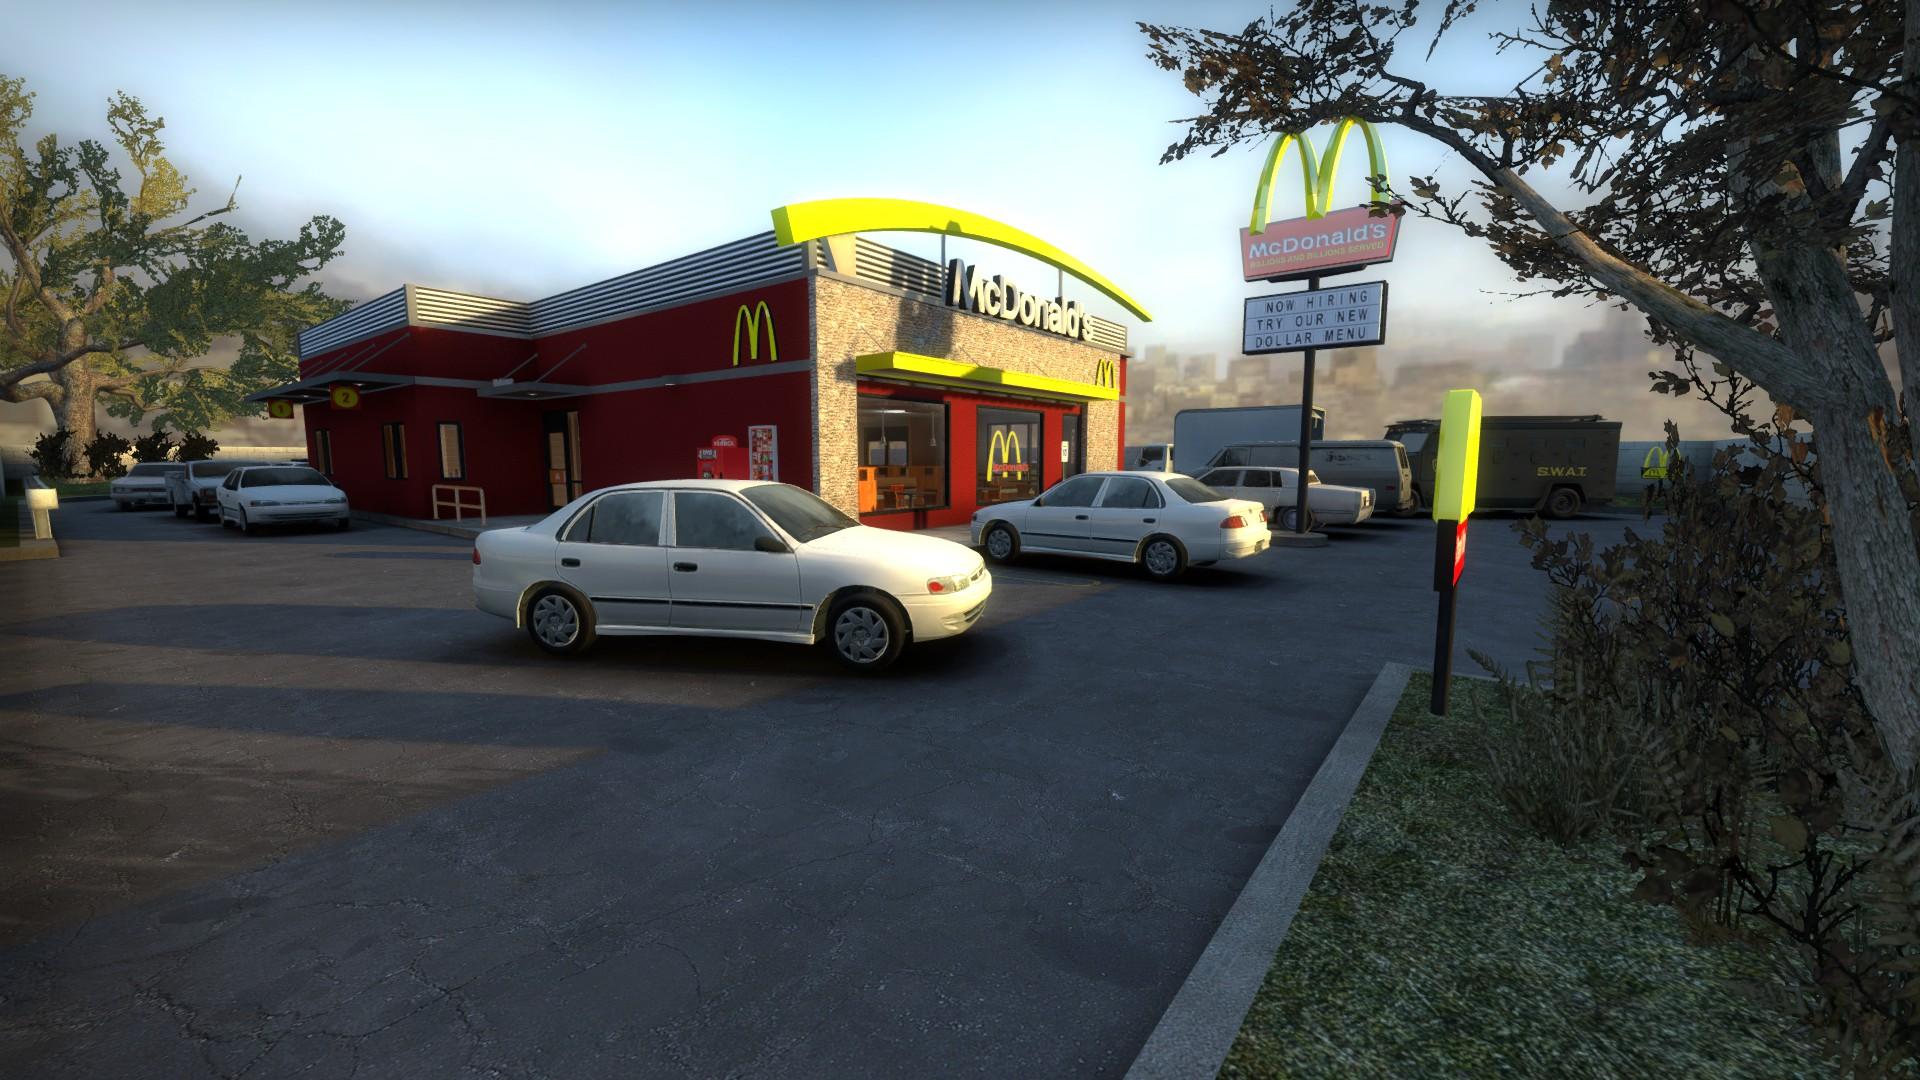 Скачать карту McDonald's для CS:GO бесплатно